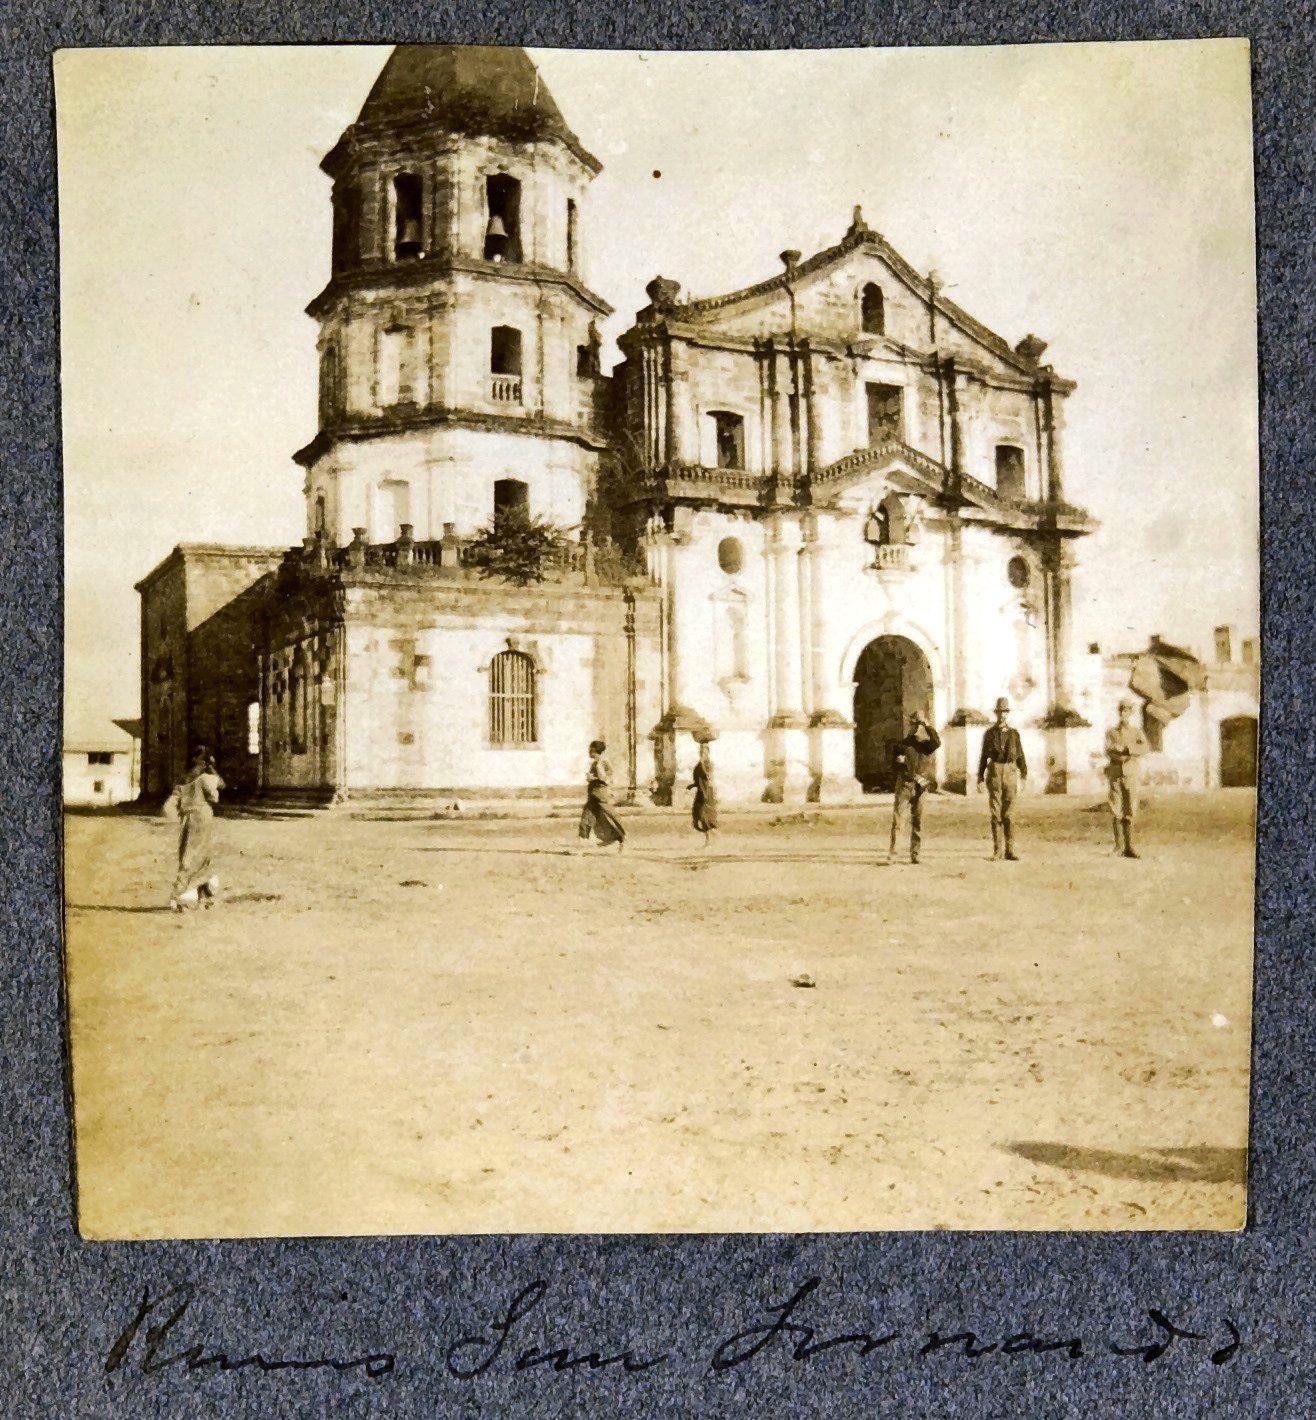 25. Кафедральный собор в Сан-Фернандо, провинция Пампанга